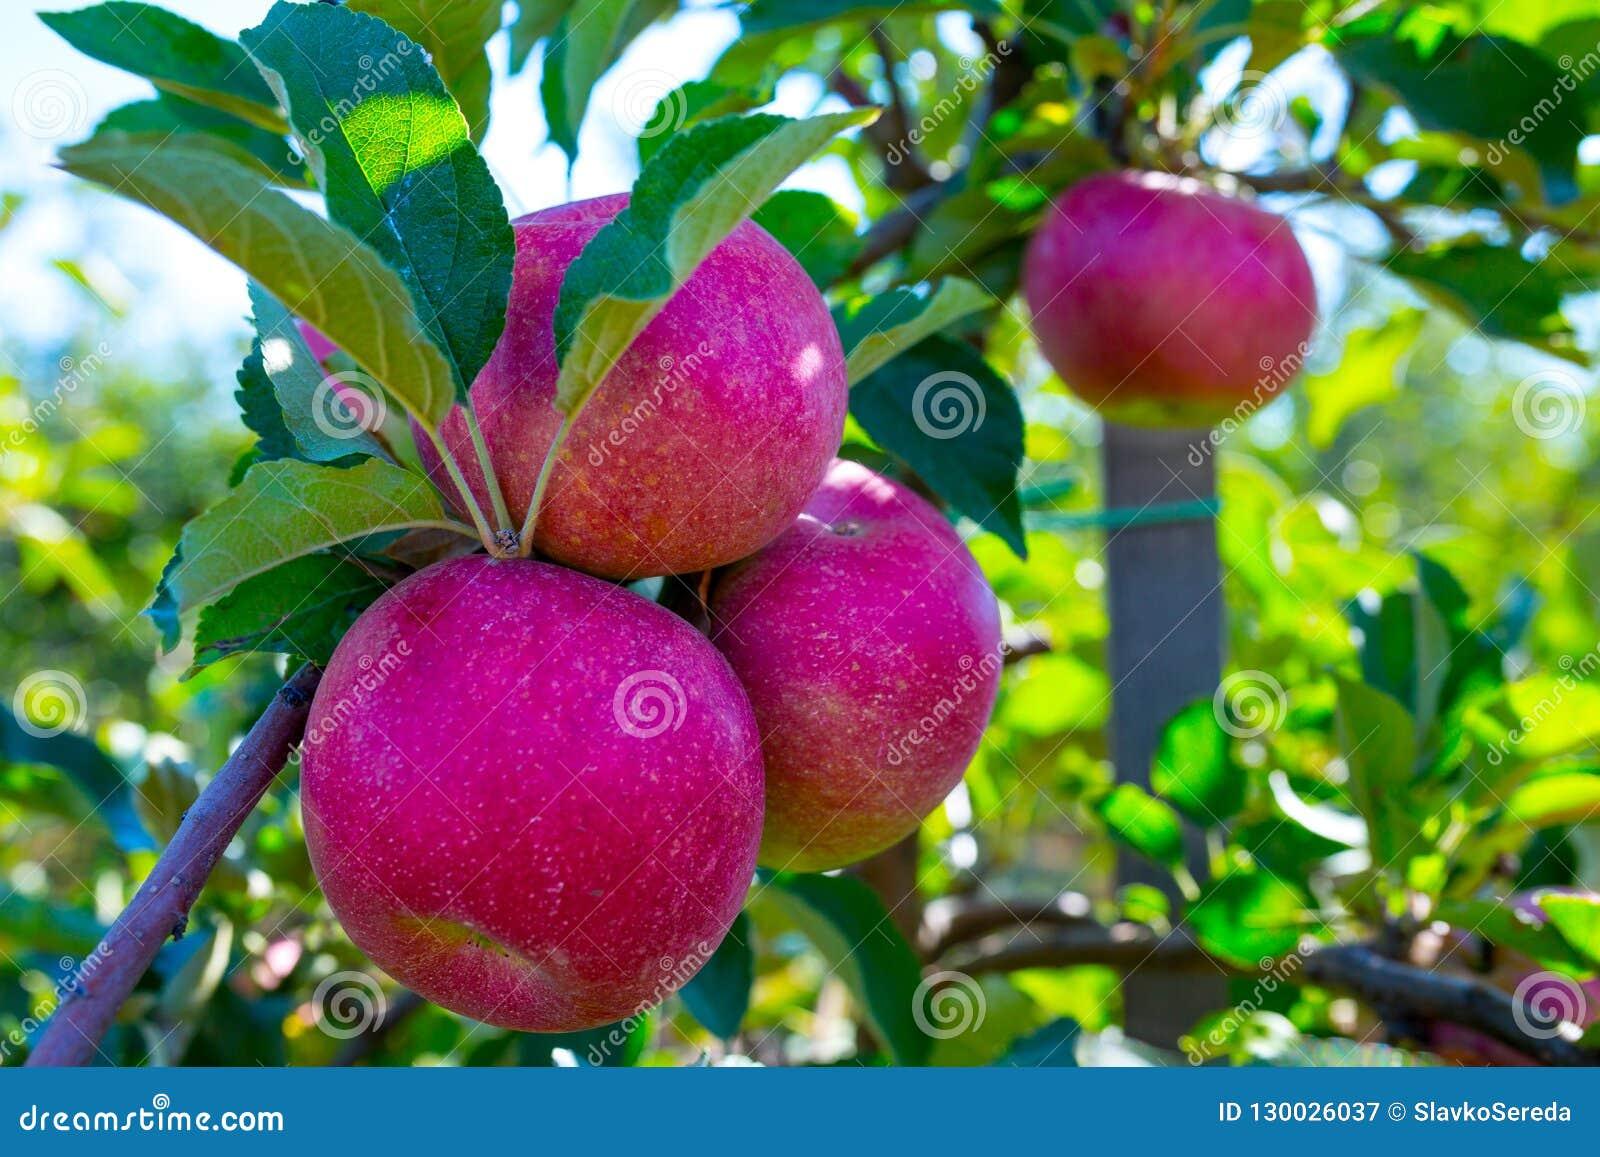 Mogna frukter av röda äpplen på filialerna av unga äppleträd